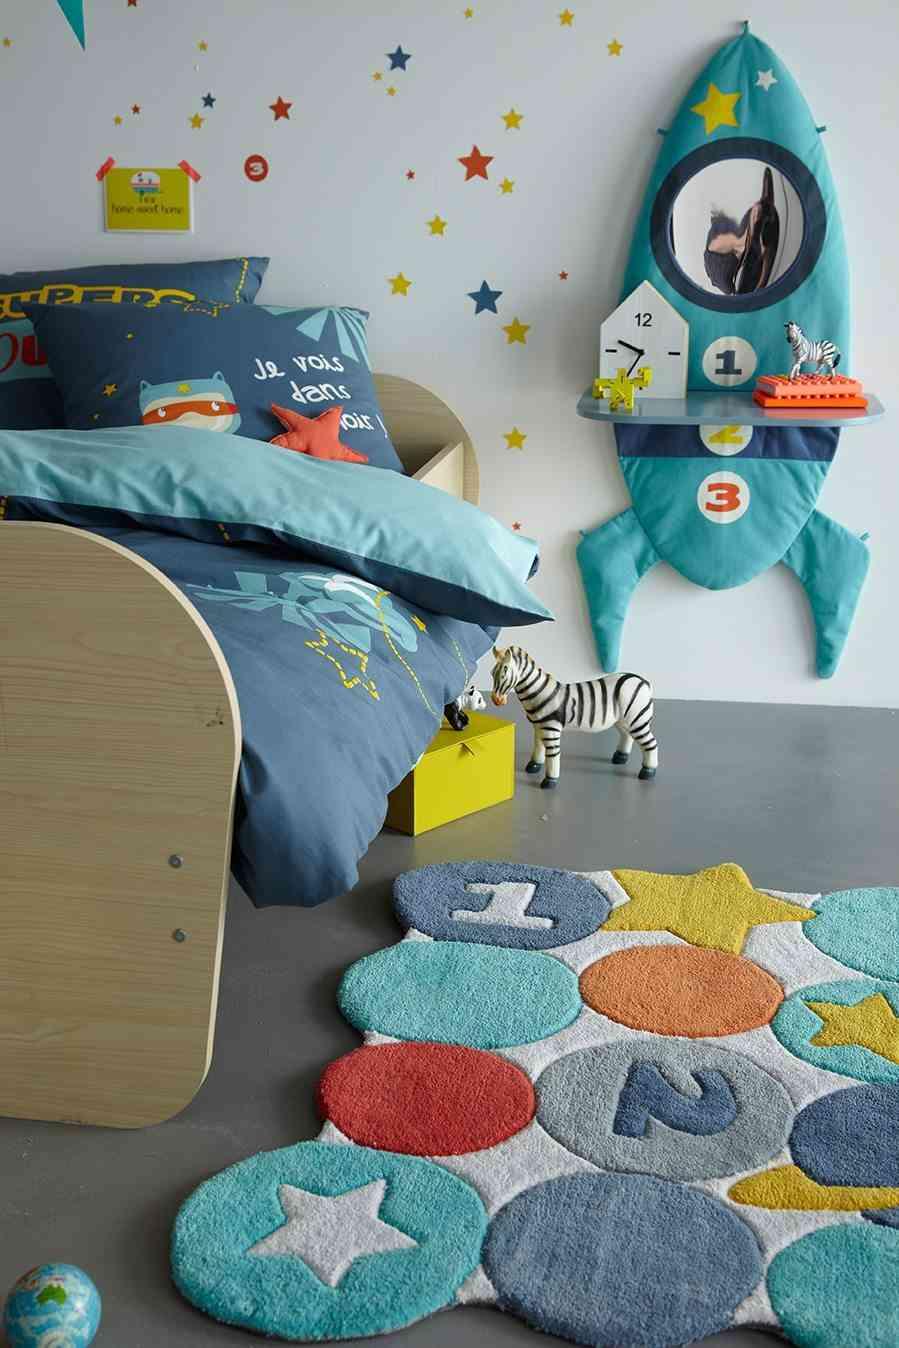 nueva colección de textiles vertbaudet cama cohete